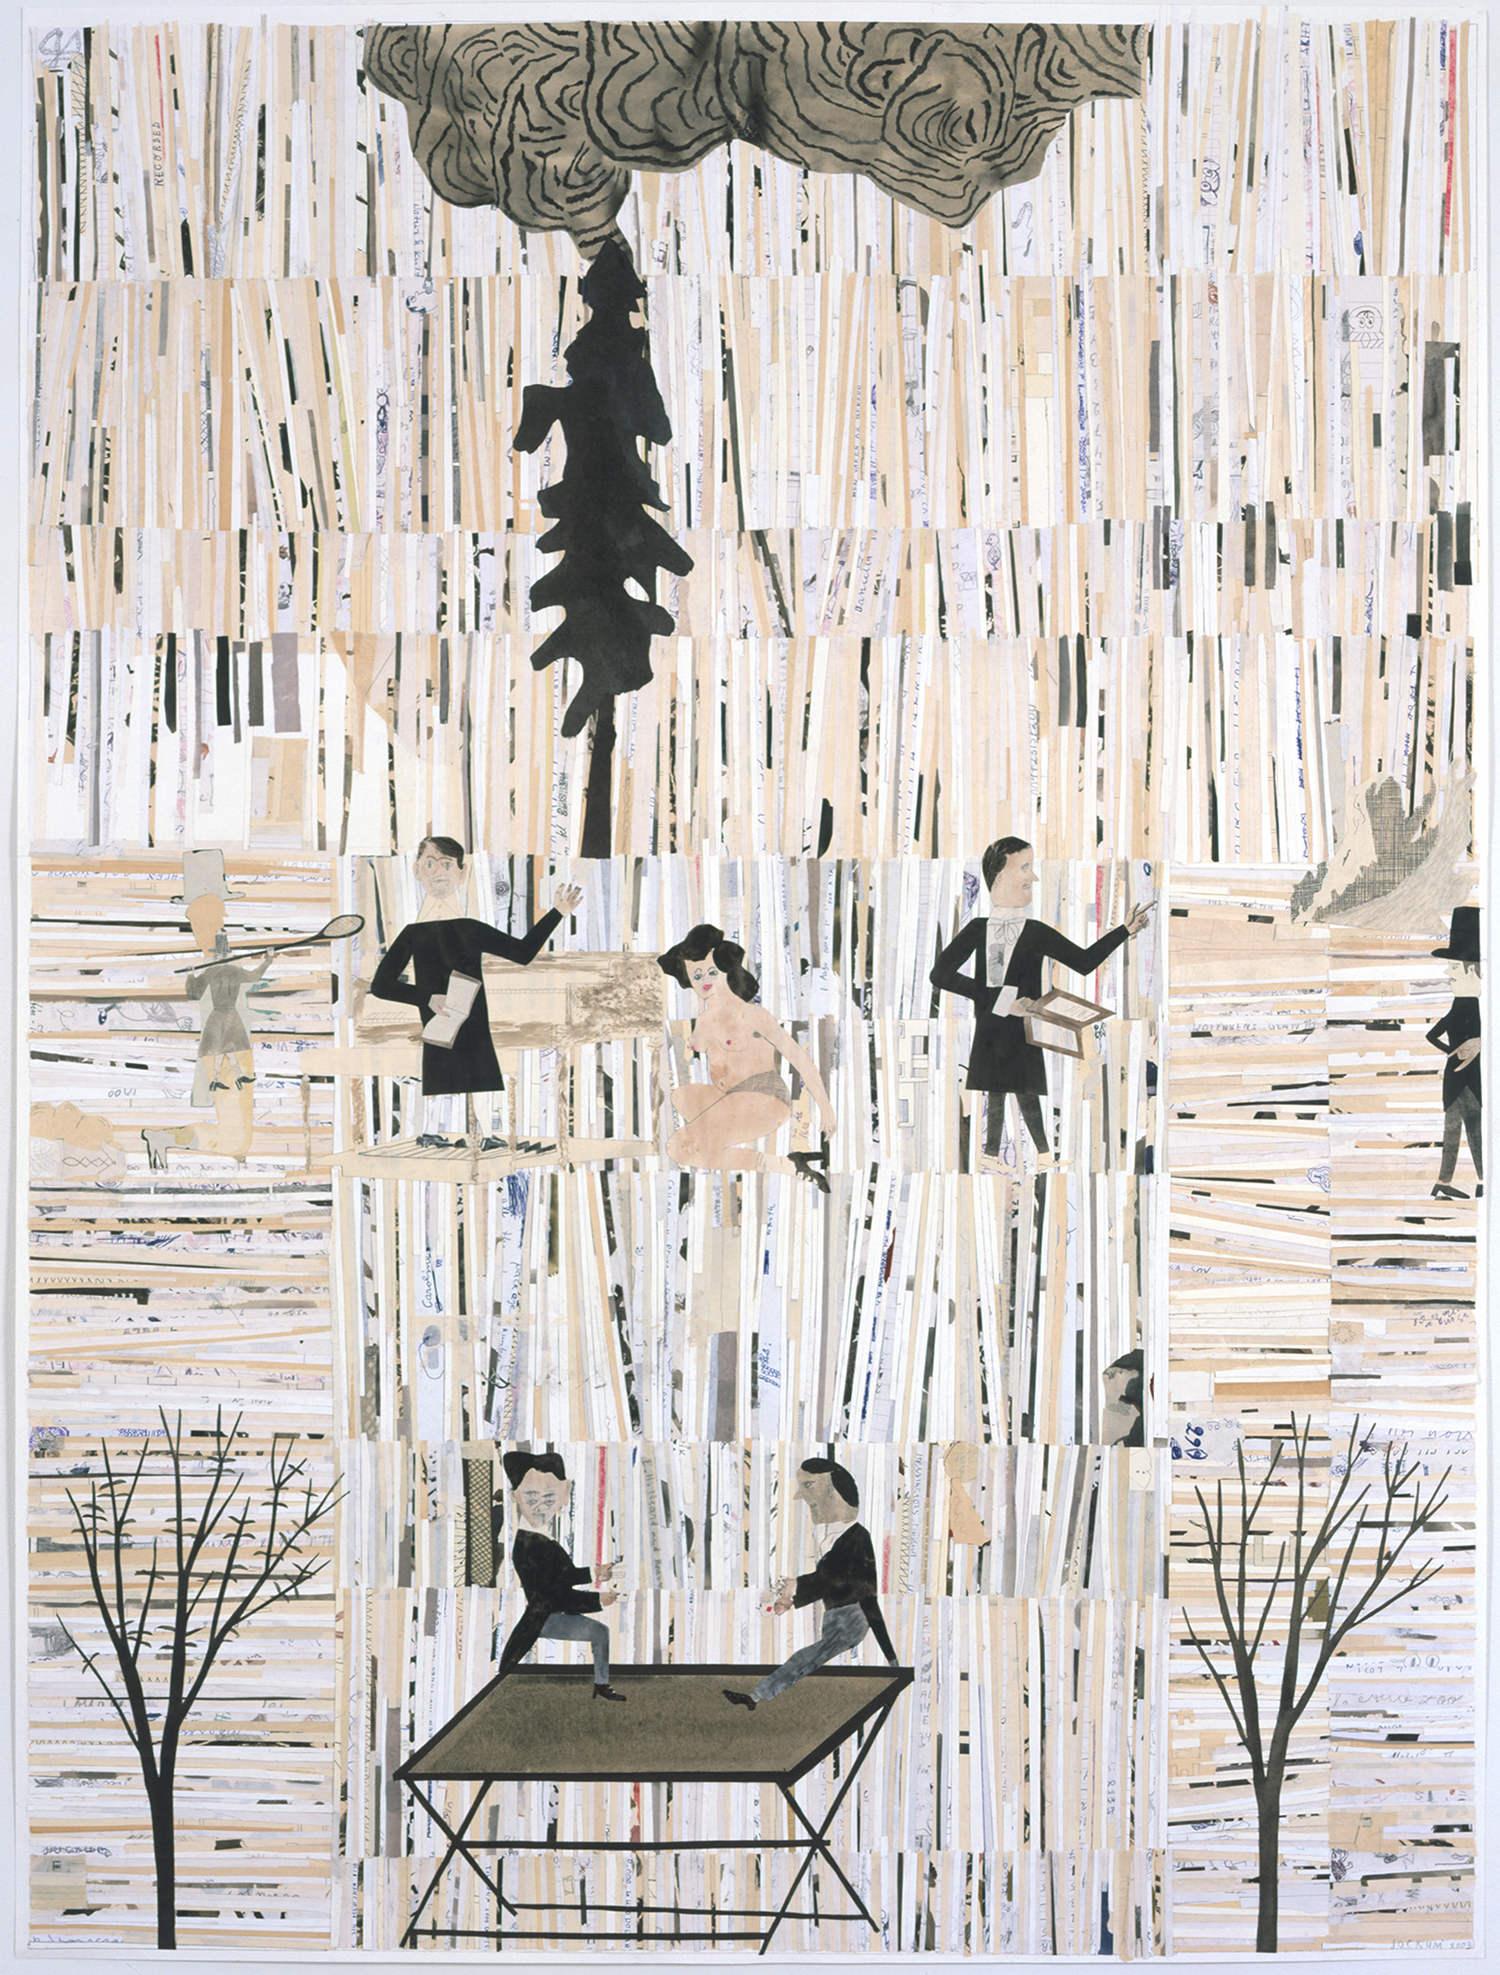 Fakultät (Faculté), technique mixte sur papier@(114.9 x 86.4 cm)